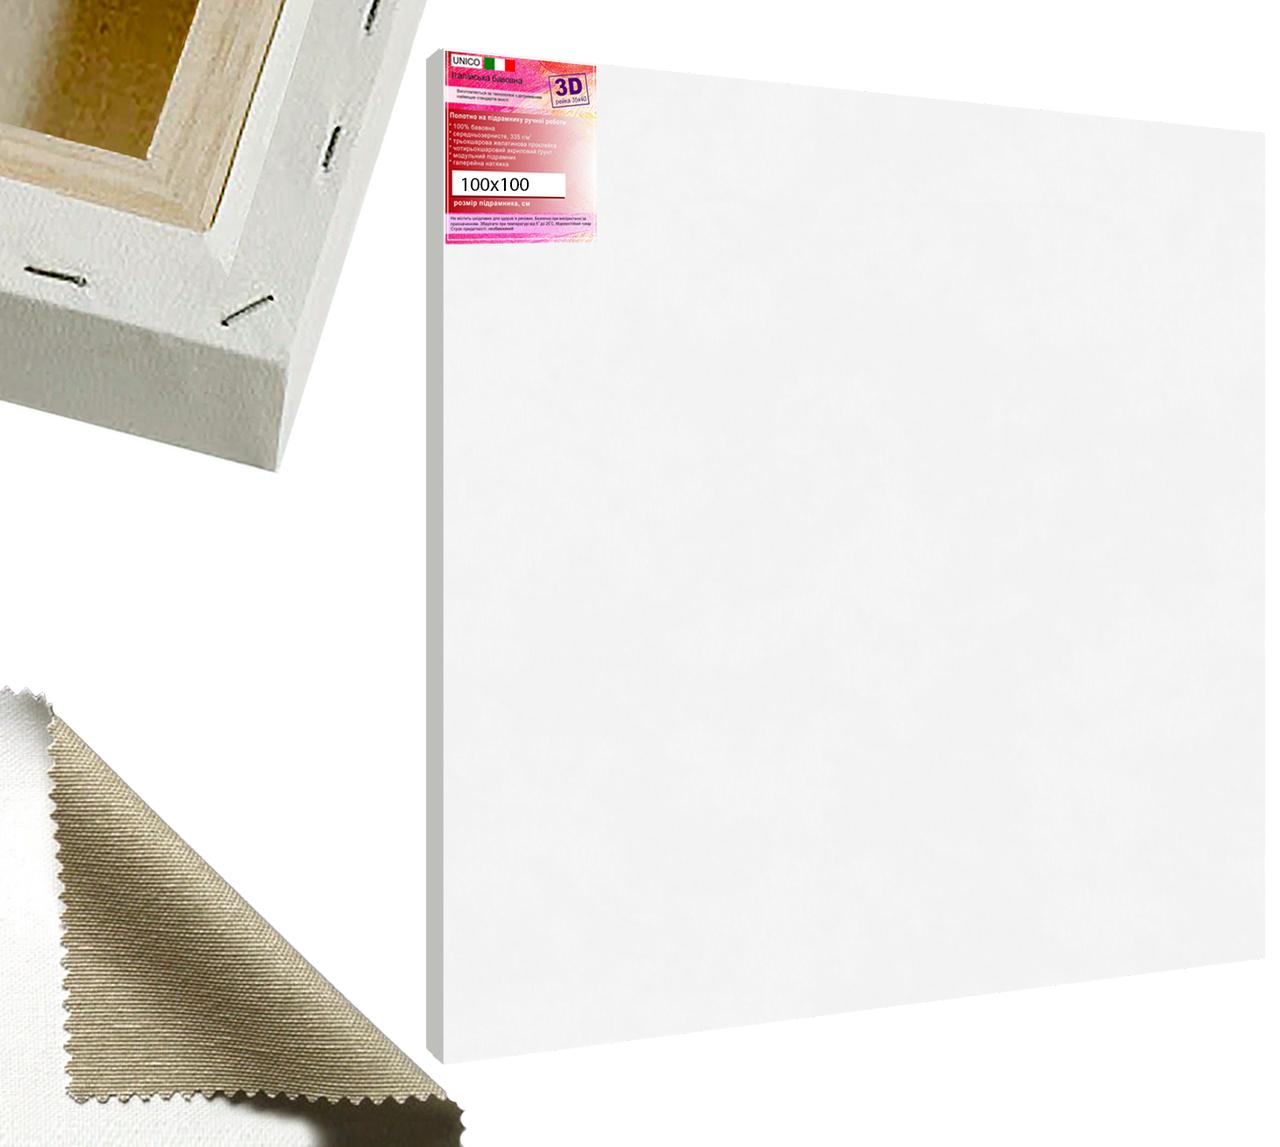 Холст на подрамнике Factura Unico3D 100х100 см Итальянский хлопок 335 грамм кв.м. среднее зерно белый